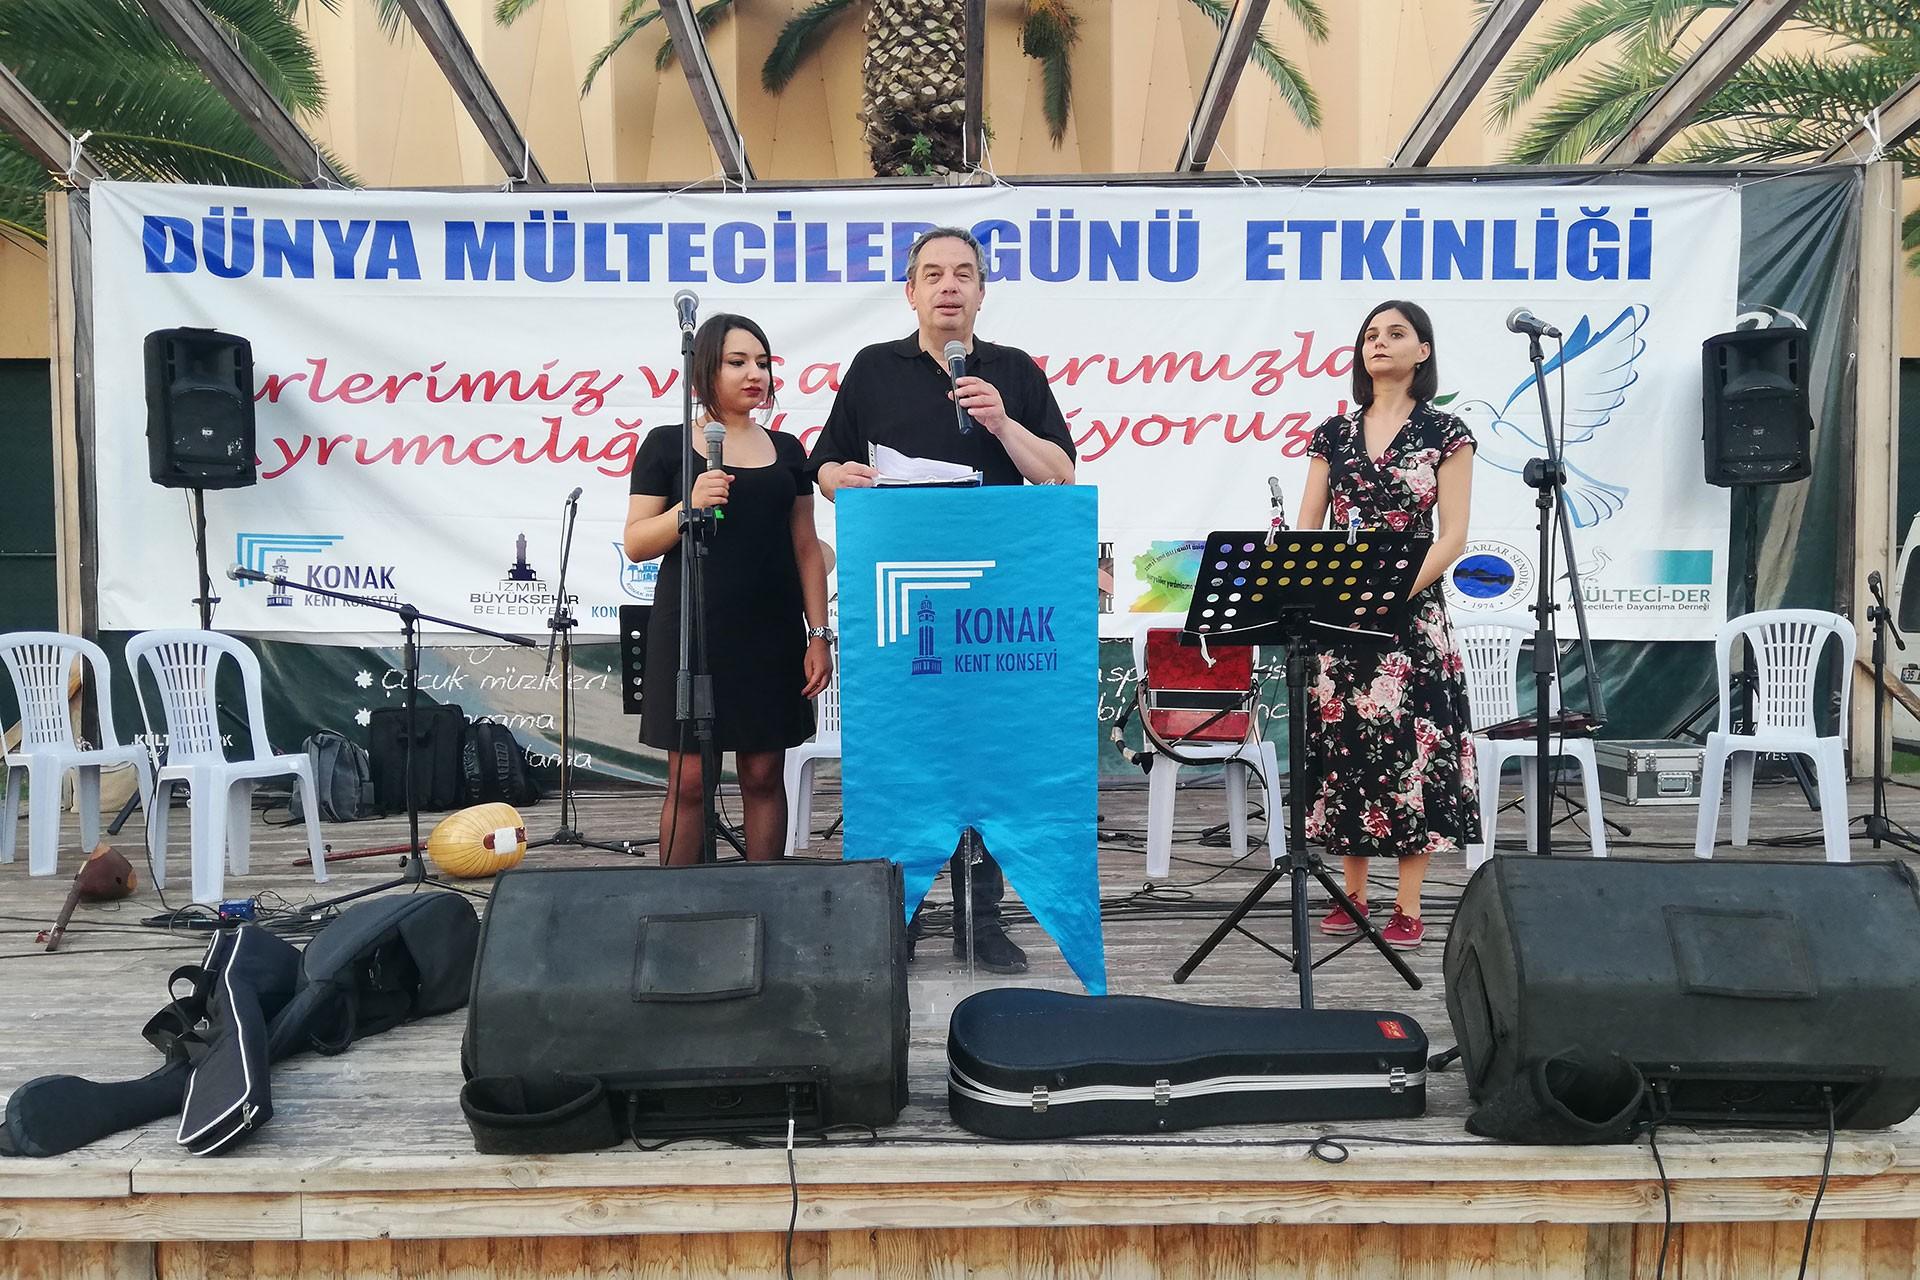 Konak'ta Mülteciler Günü etkinliği: Şiirler ve şarkılar ayrımcılığa karşı okundu